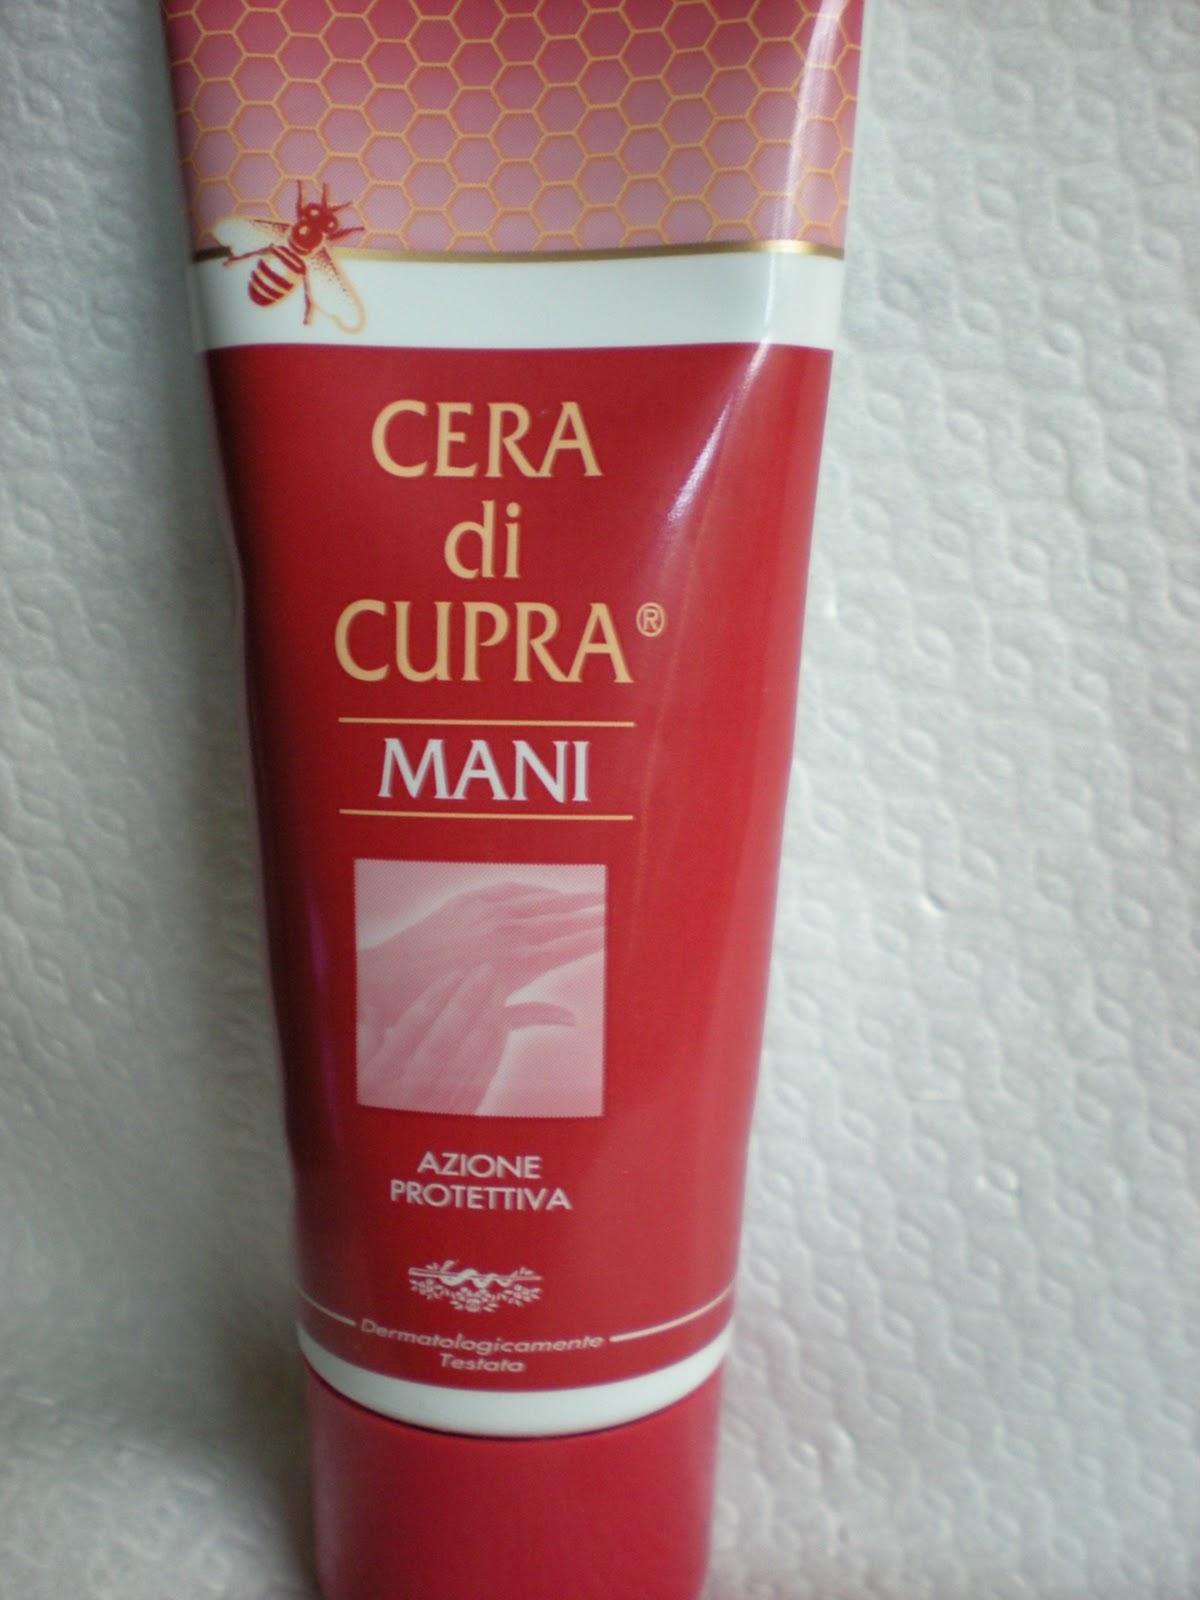 Makeup Erre Crema Mani Cera Di Cupra